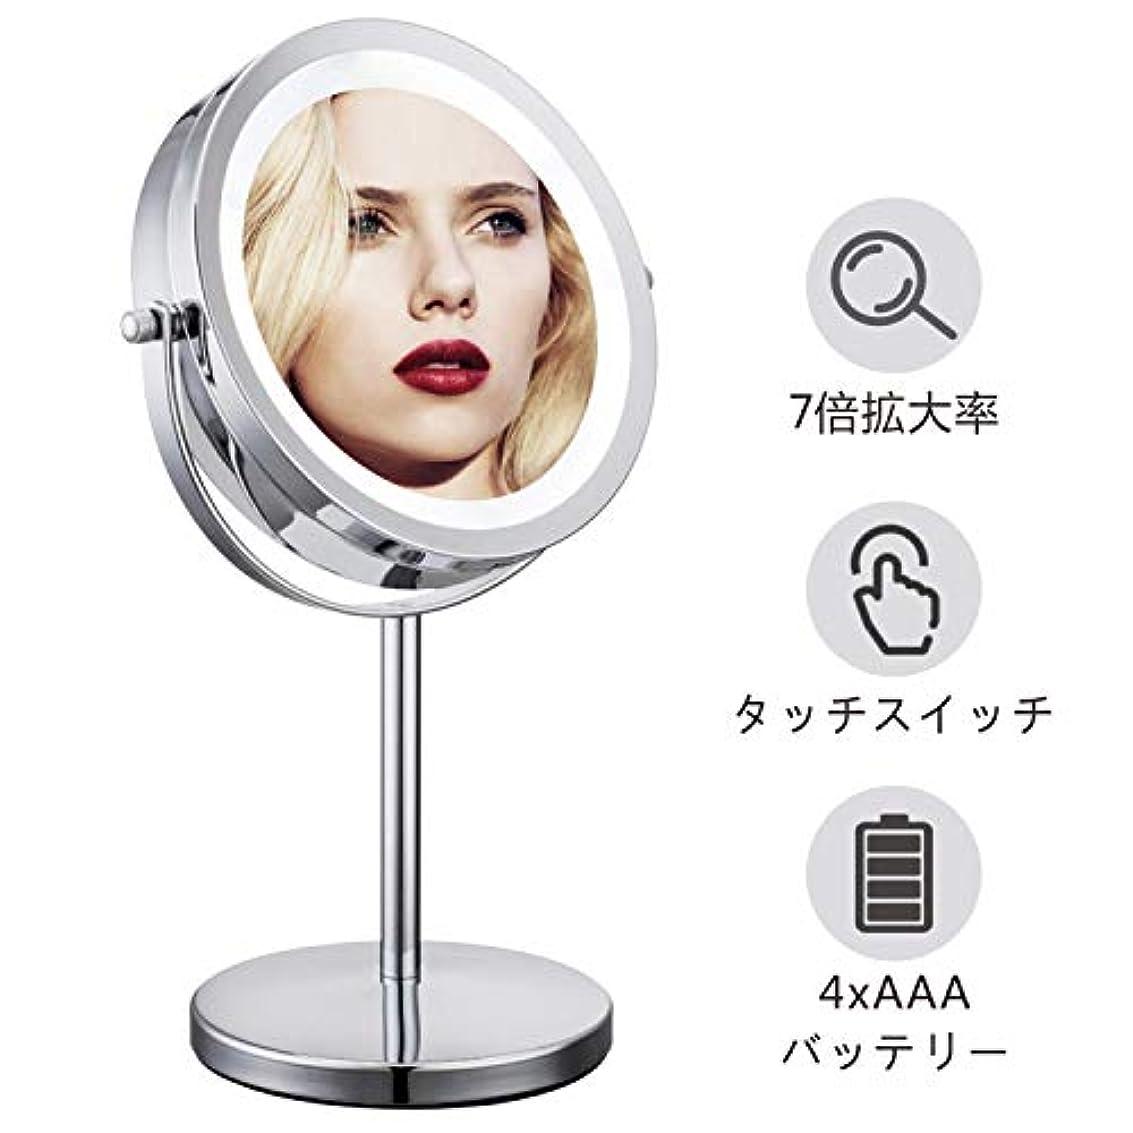 消すバッグ潜むMinracler 化粧鏡 7倍拡大 卓上 化粧ミラー led両面鏡 明るさ調節可能 360度回転 (鏡面155mmΦ) 電池給電